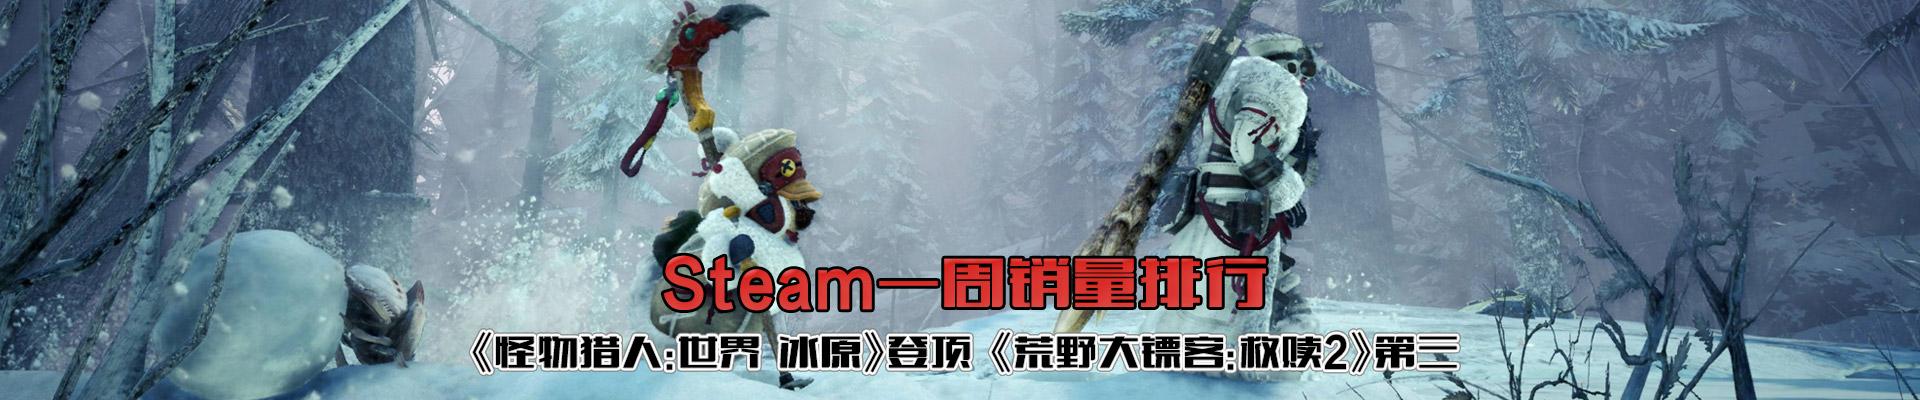 Steam周销量排行榜:《怪猎冰原》登顶 《大镖客2》第三